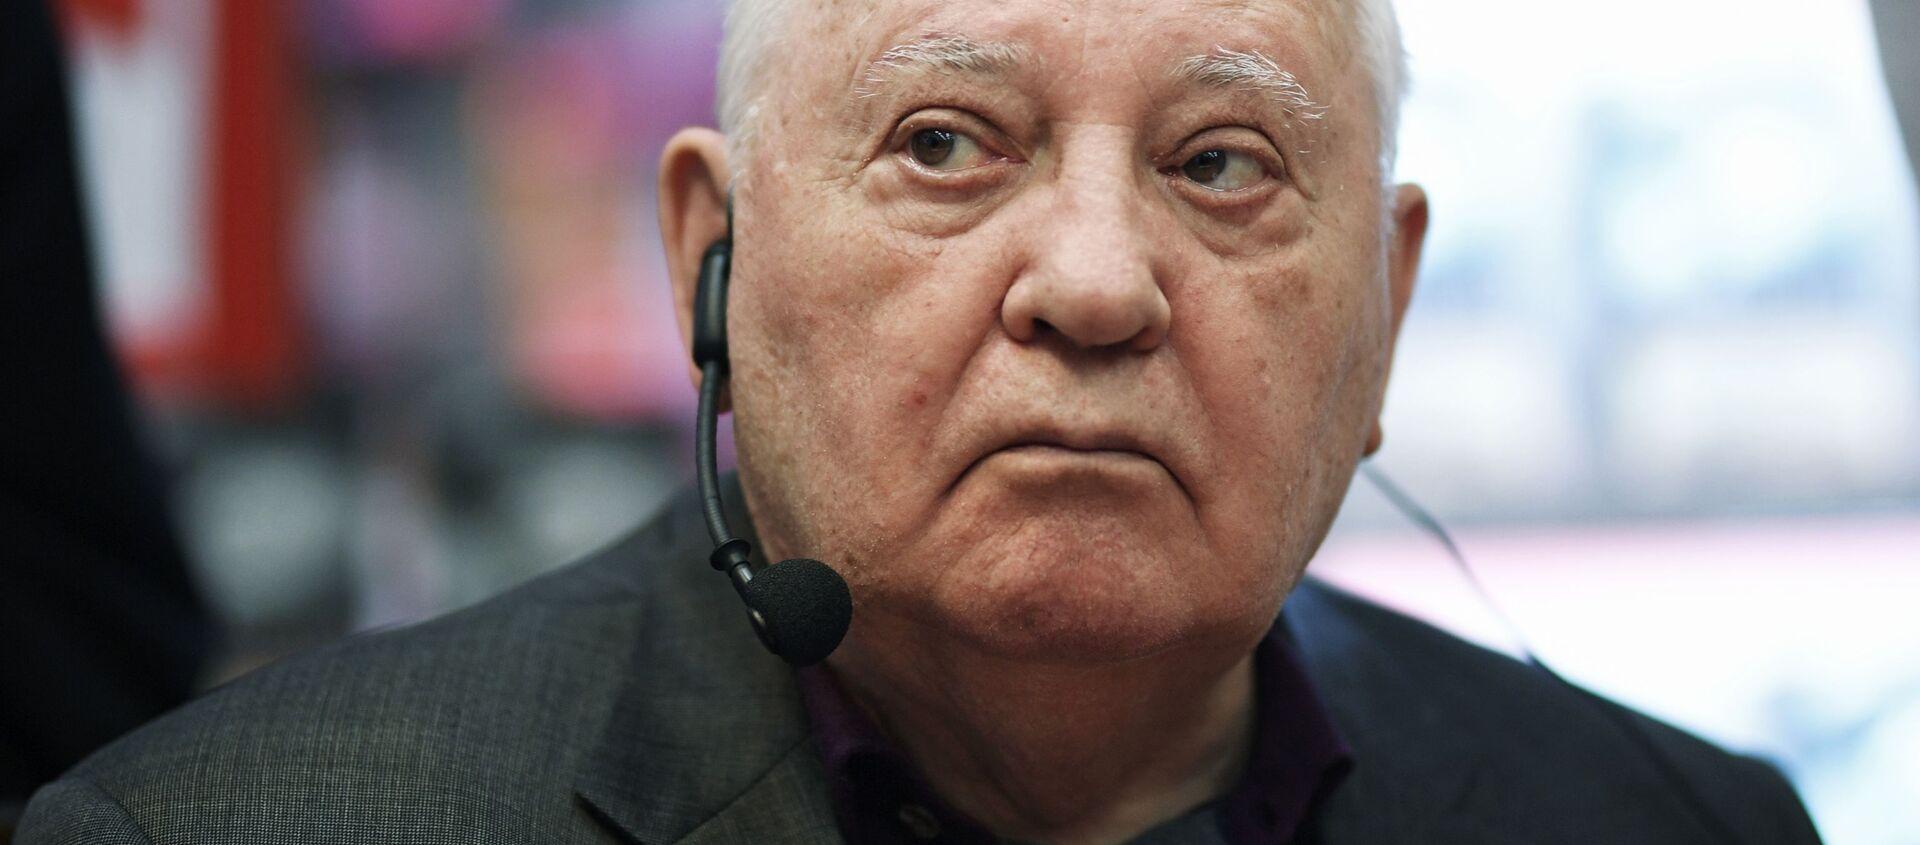 Экс-президент СССР Михаил Горбачев - Sputnik Таджикистан, 1920, 29.09.2020